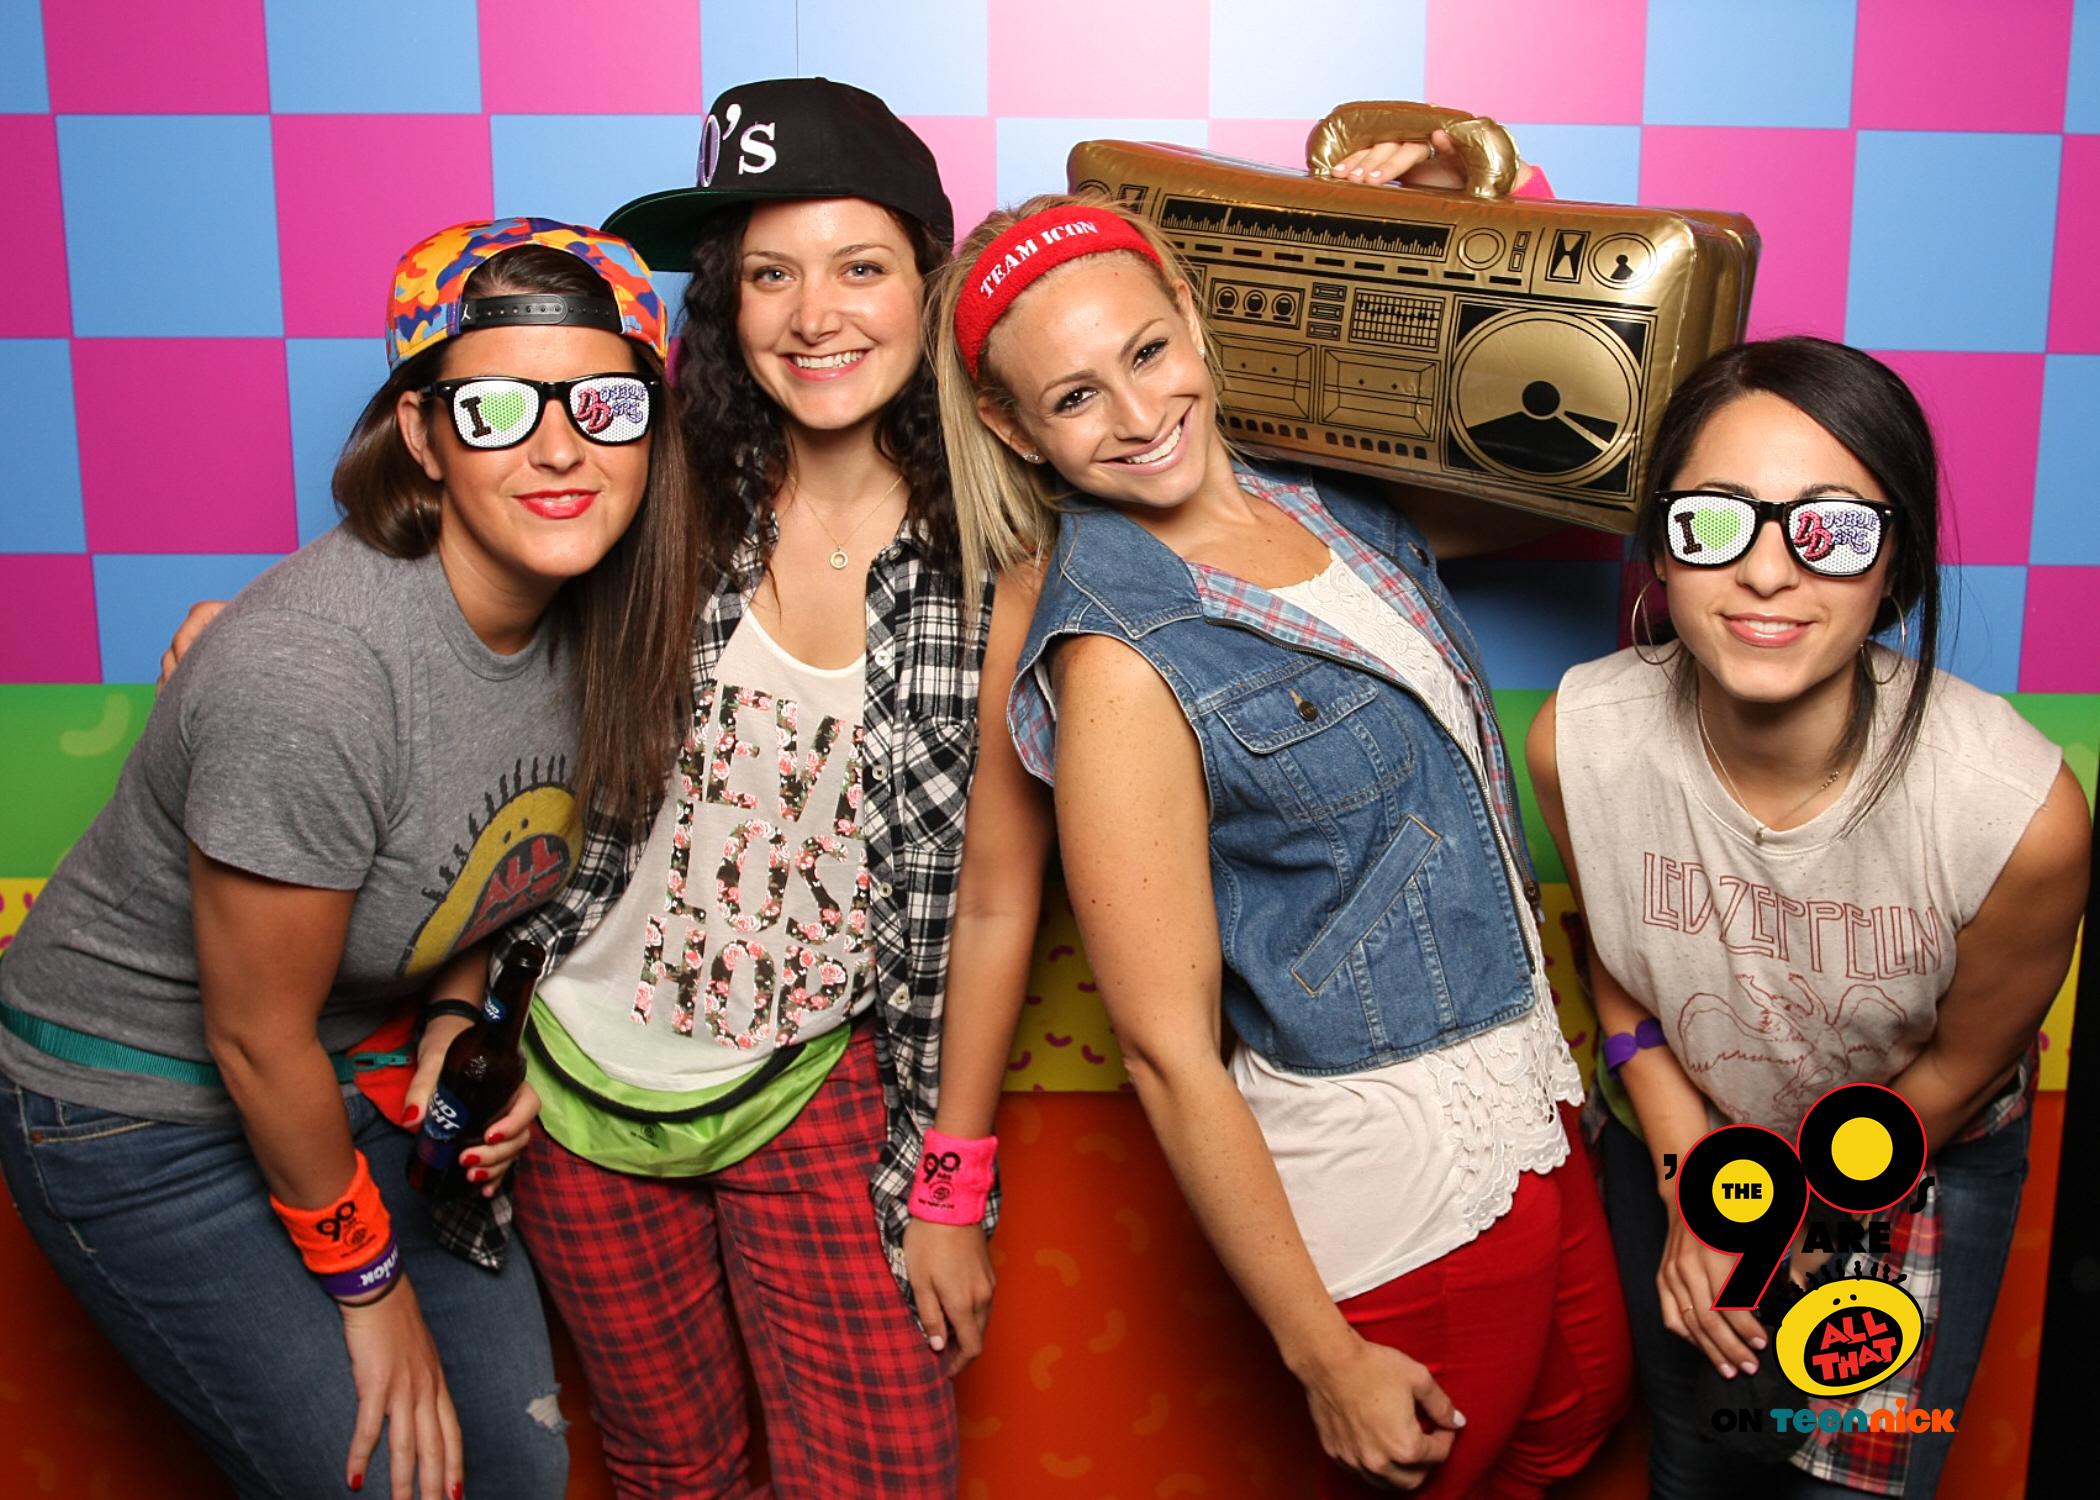 Nickelodeon Event New York